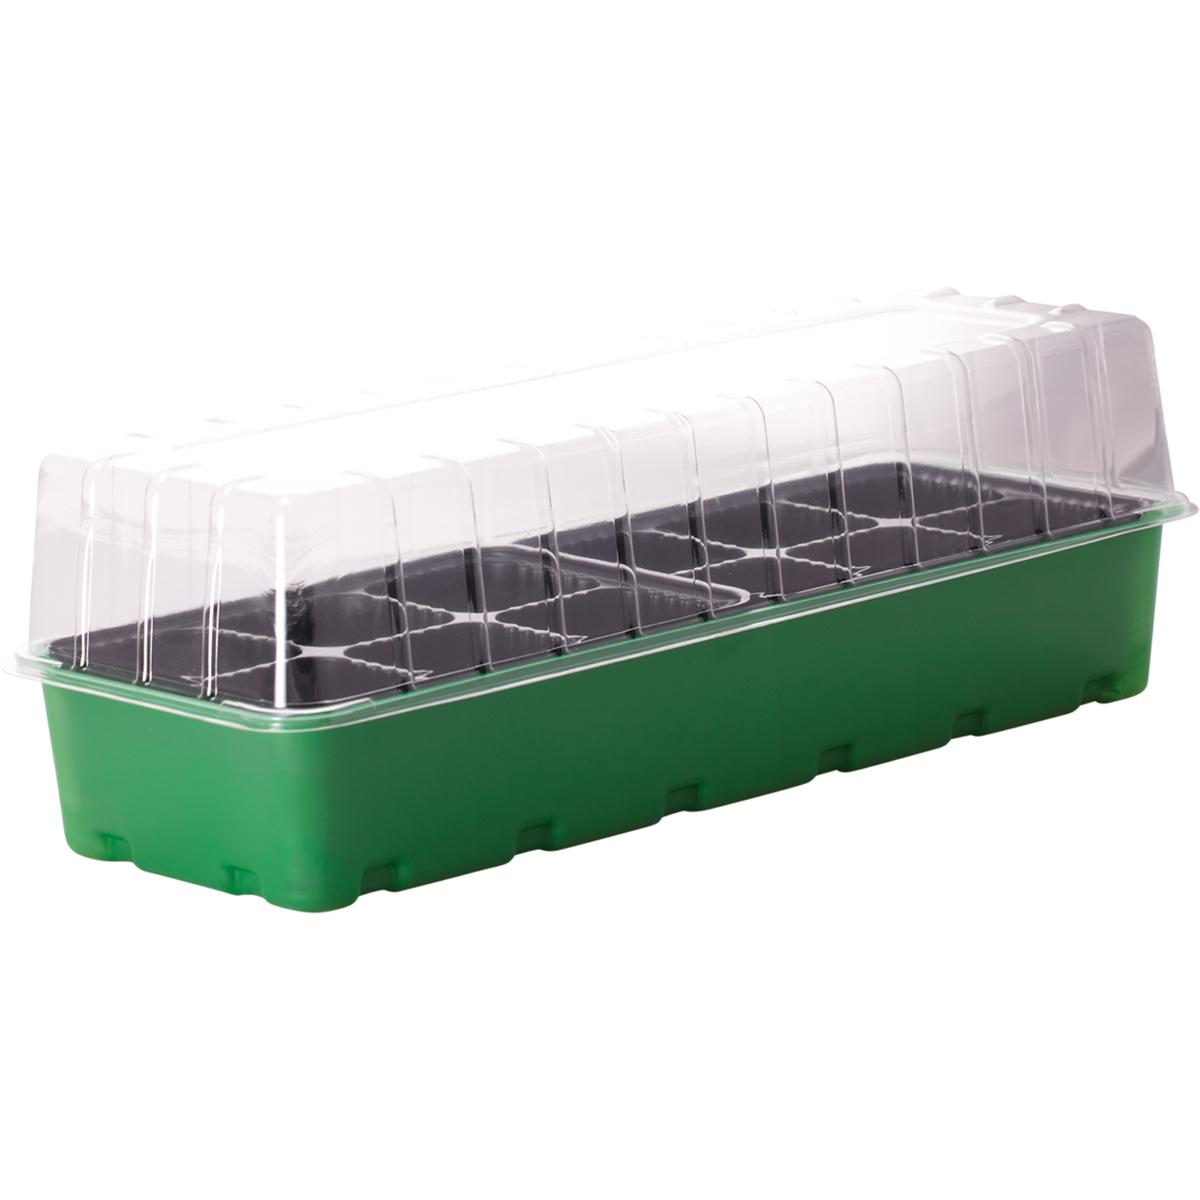 Минипарник для рассады InGreen, 12 ячеек, 40 х 17,4 х 13 смING60001FInGreen - компактный и удобный в использовании минипарник. Идеально подходит для выращивания рассады в домашних условиях. В комплекте: форма с ячейками под рассаду, поддон для стока лишней воды при поливе и крышка для создания благоприятного микроклимата для быстрой всхожести и роста рассады. Размер изделия: 40 х 17,4 х 13 см.